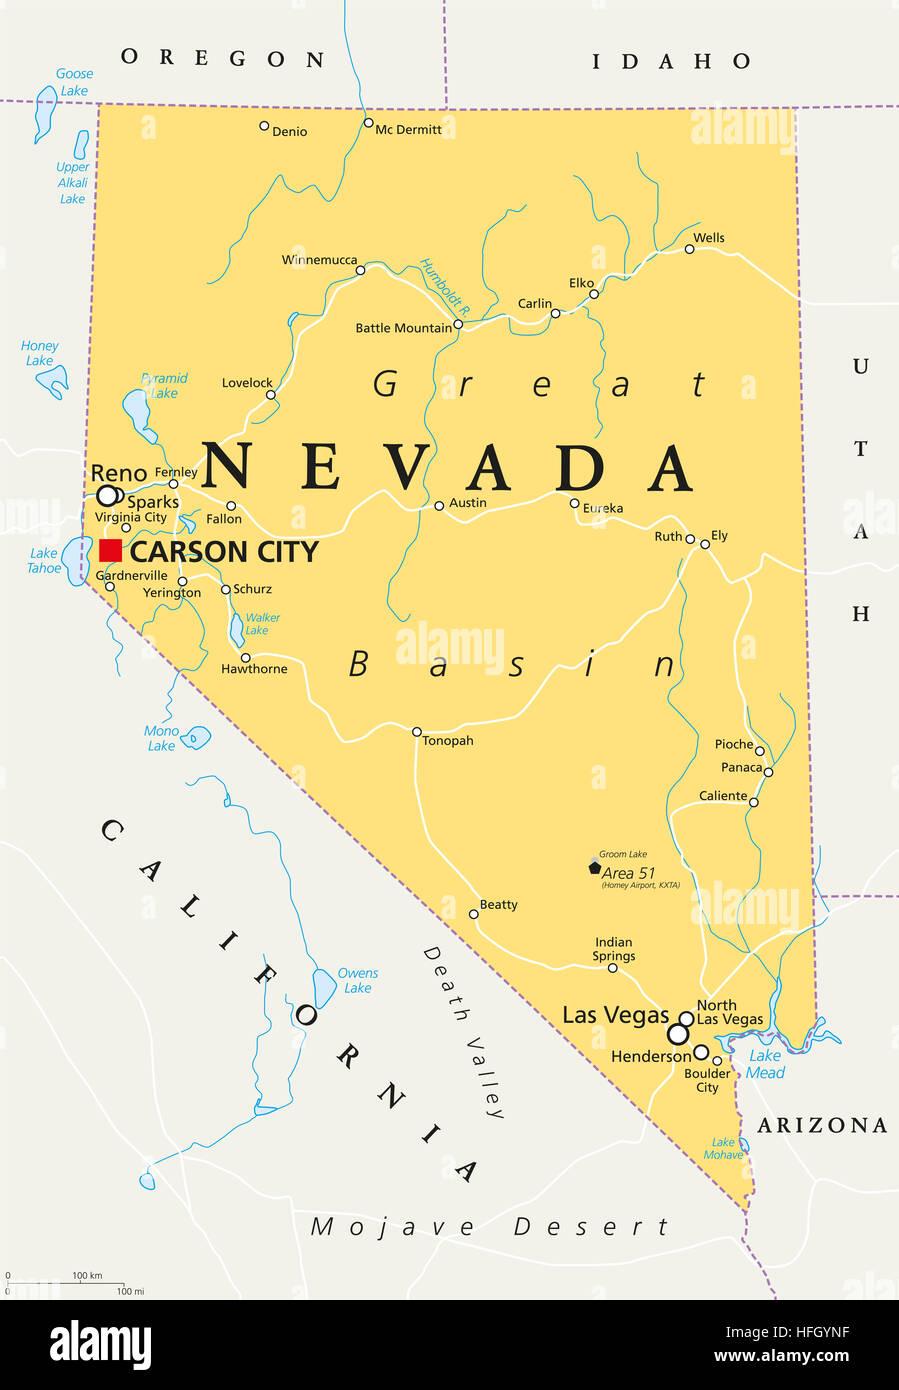 America Occidentale Cartina.Nevada Mappa Politico Con Capitale Carson City Stato In Western Montagna Ad Ovest E A Sud Ovest Di Regioni Di Stati Uniti D America Foto Stock Alamy